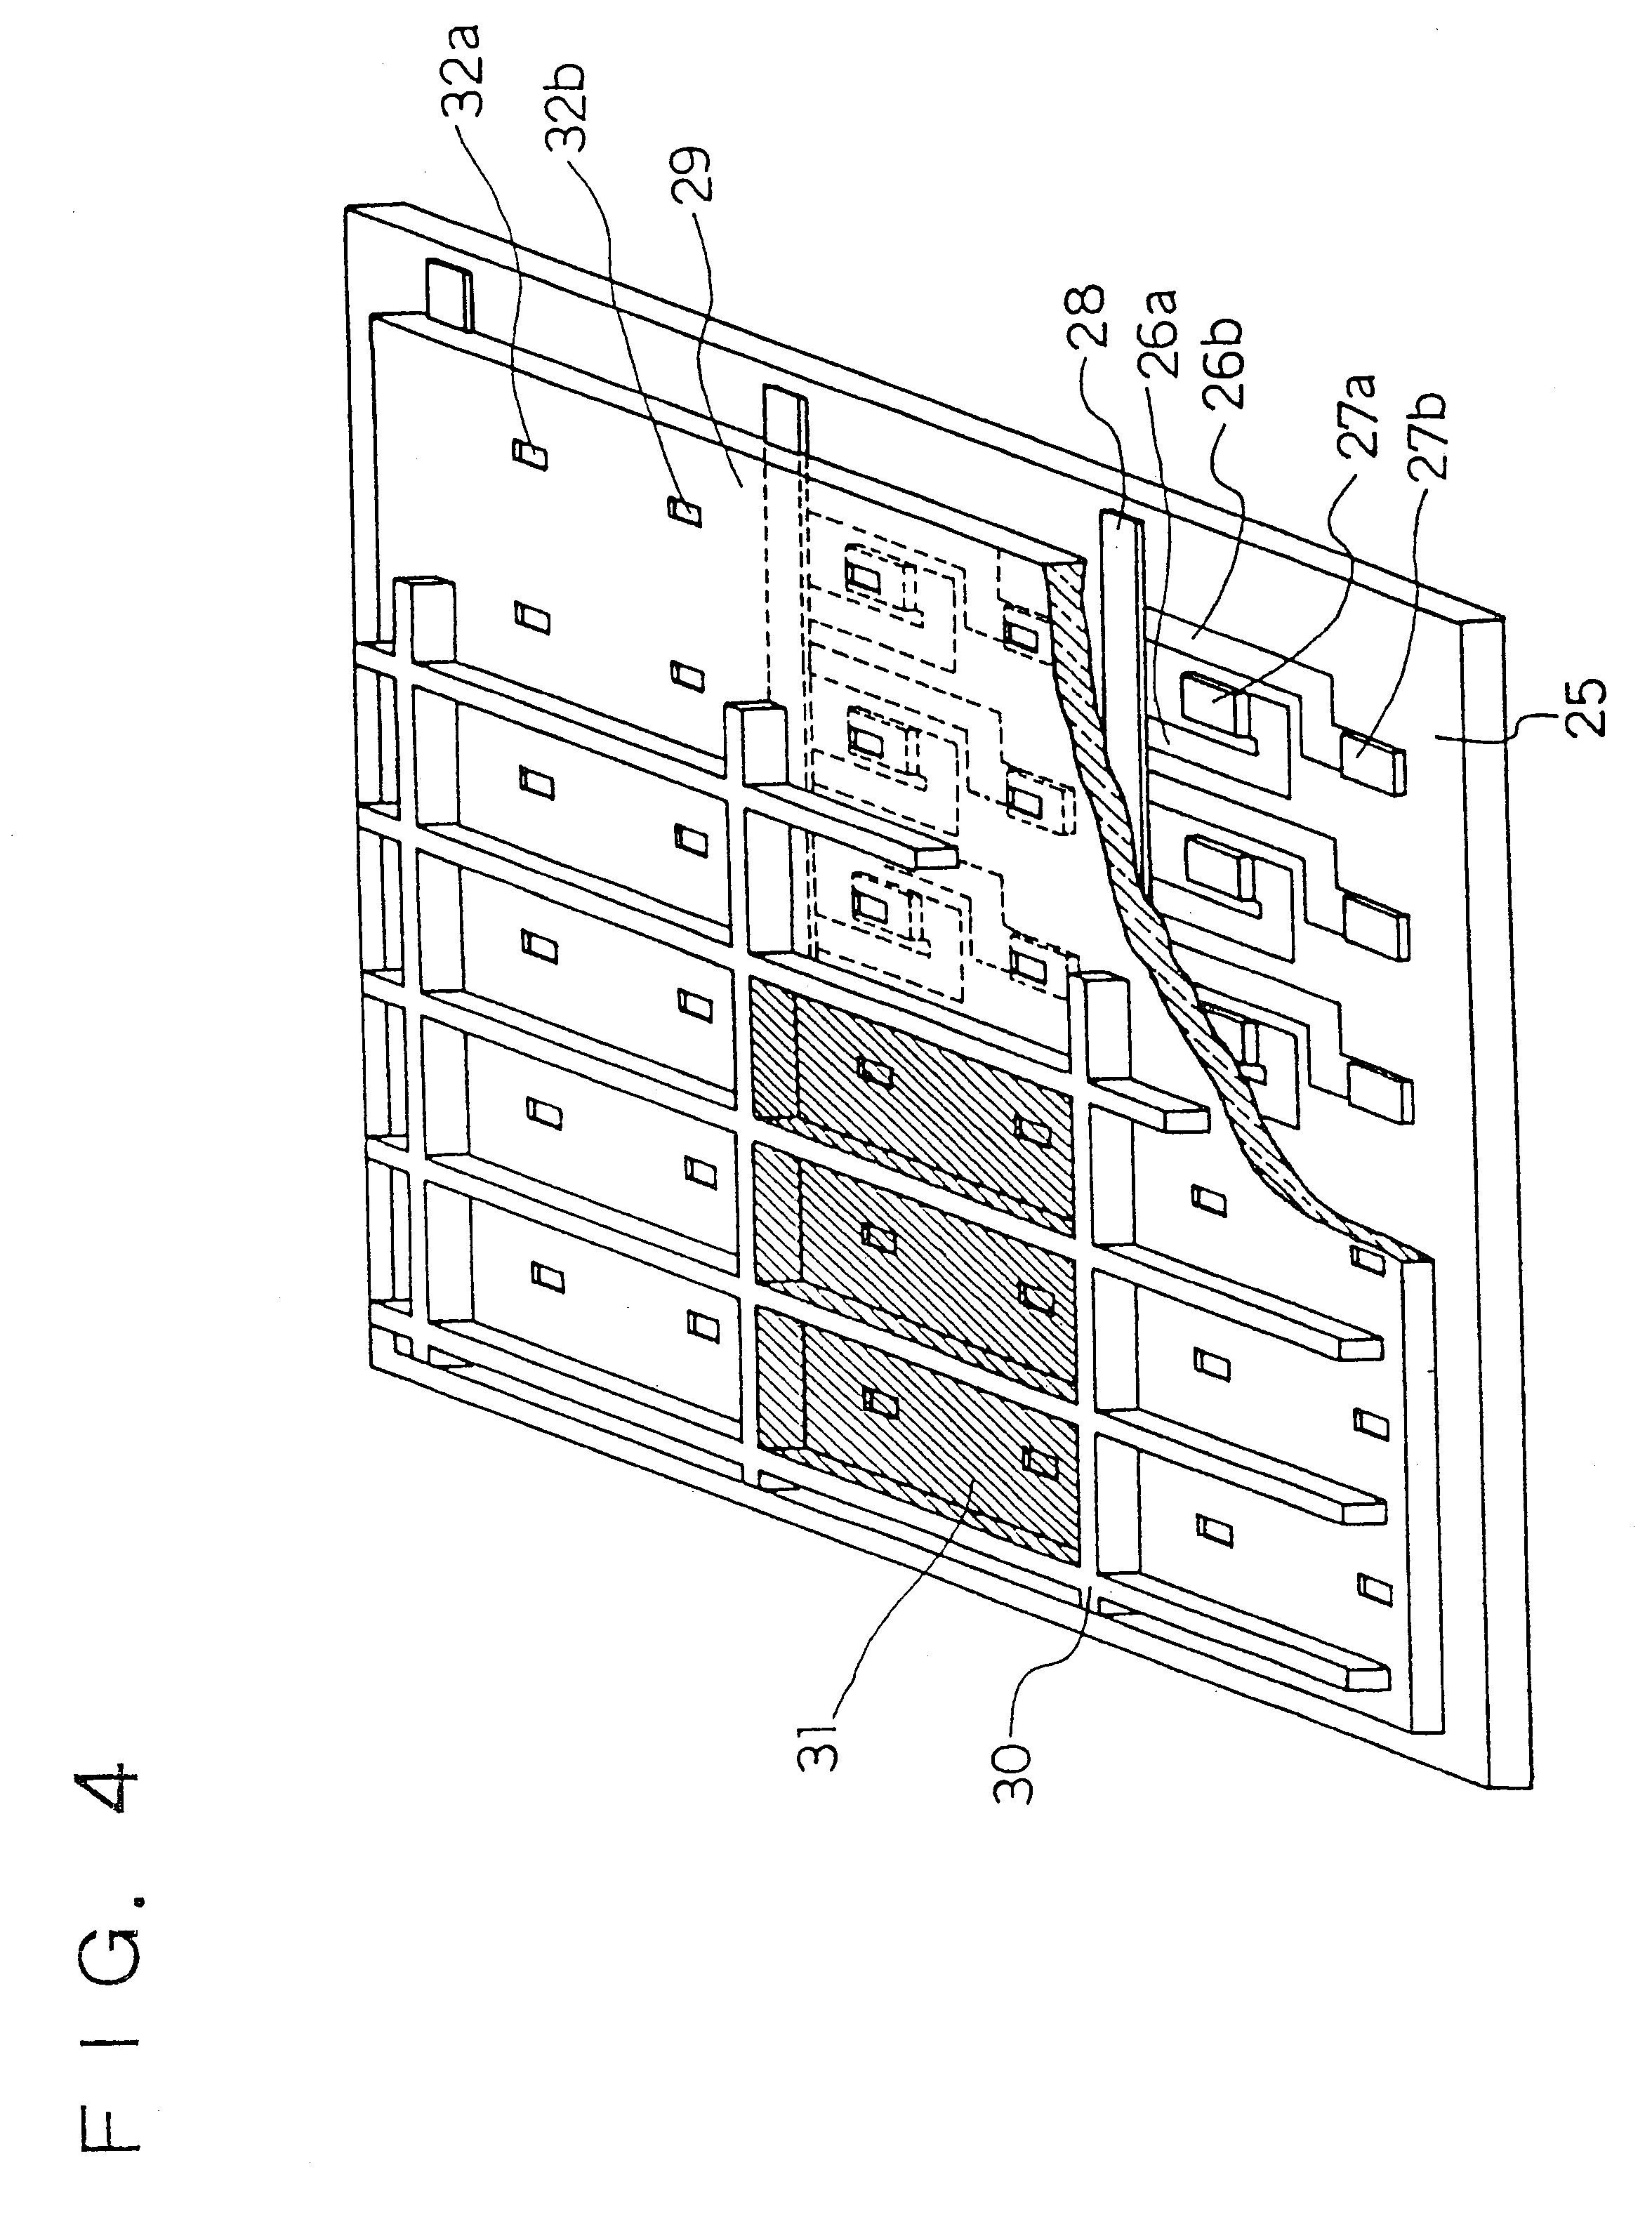 1996 virago 1100 wiring diagram 1996 virago 750 wiring